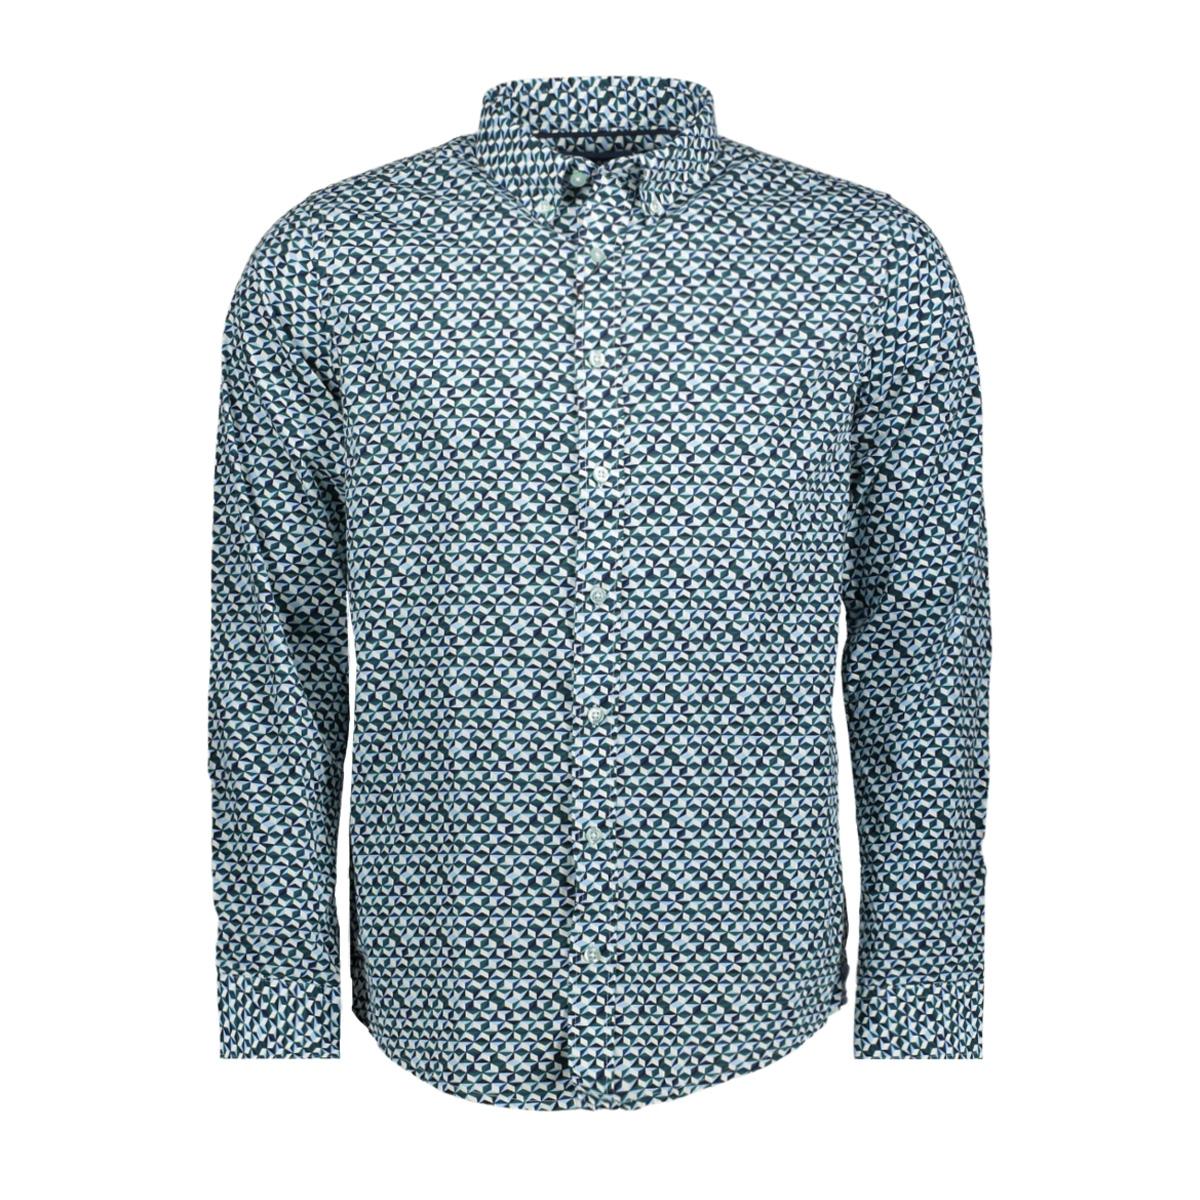 mc10 01011 2 haze & finn overhemd 3d cube green